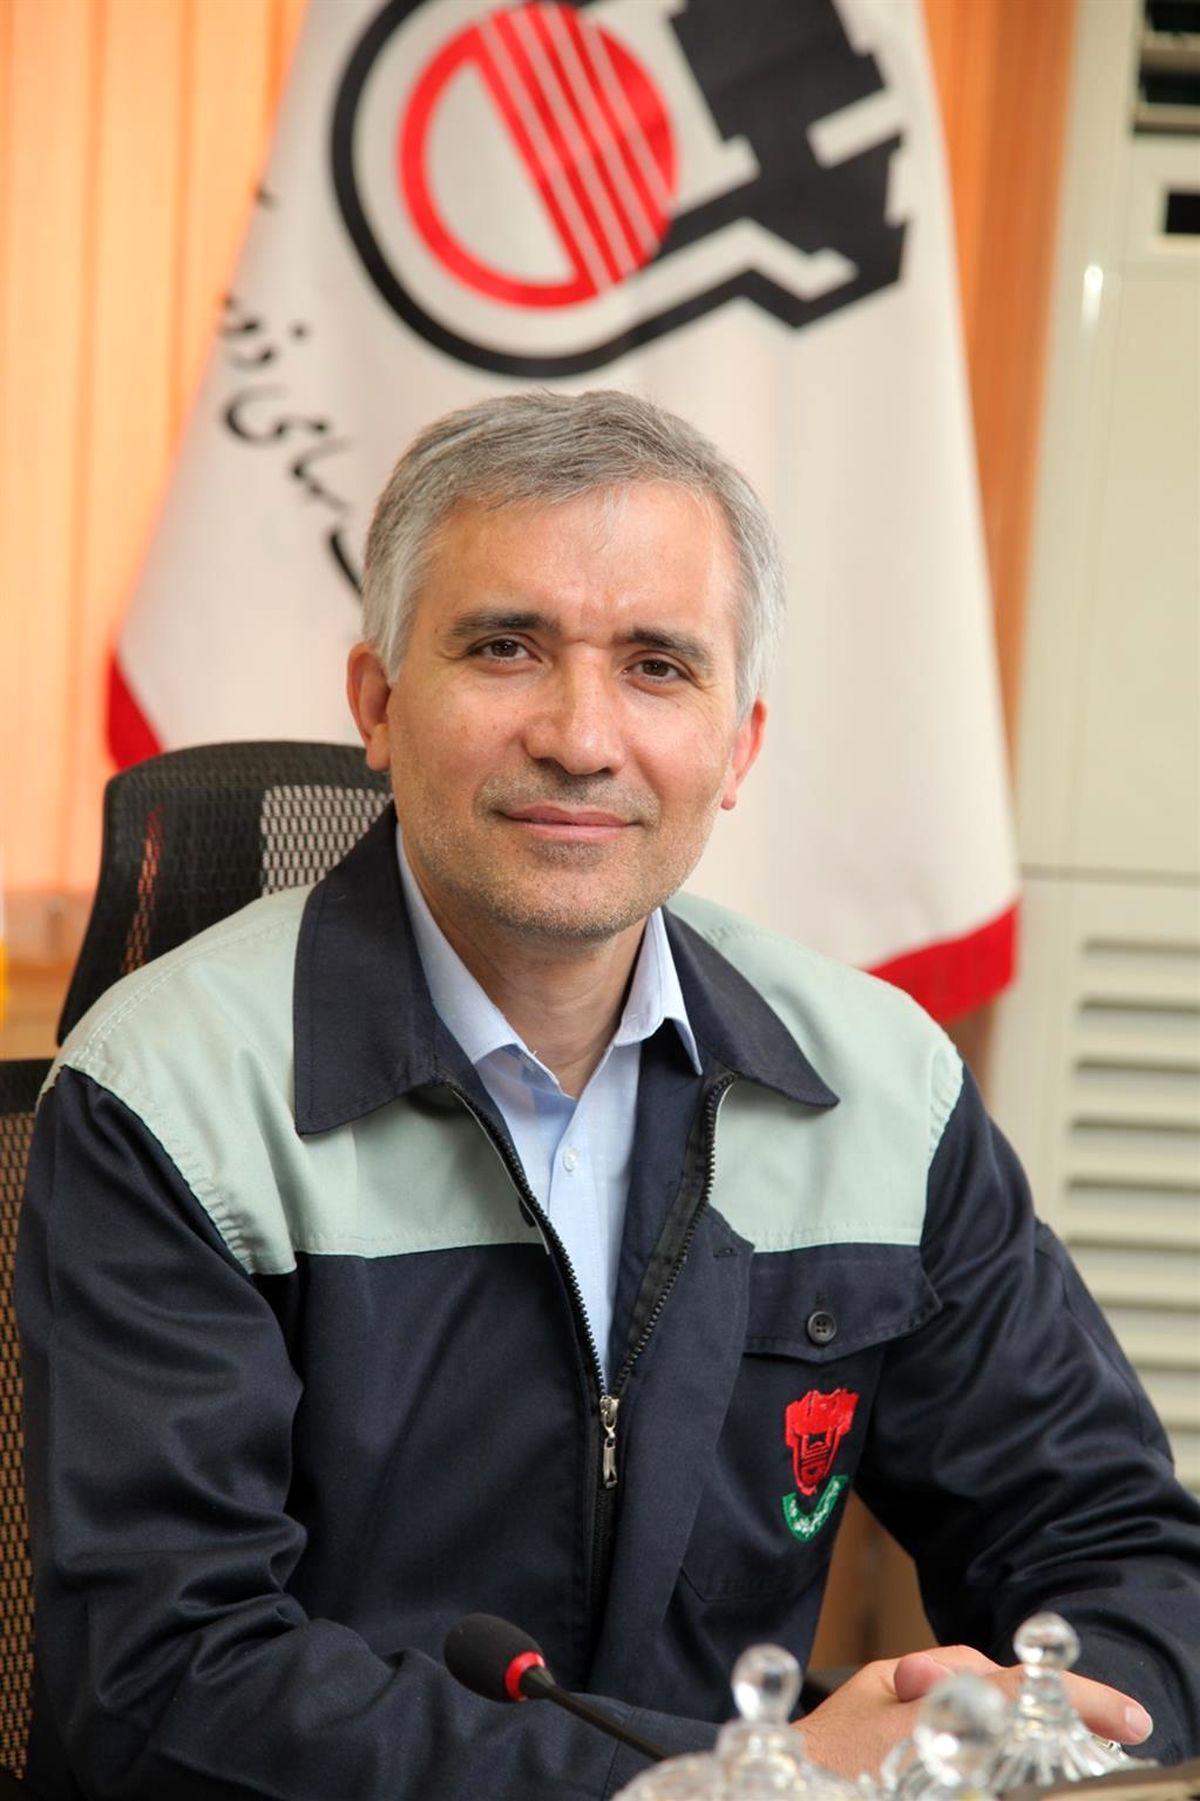 در شرکت ذوب آهن اصفهان اقدامات لازم برای غلبه بر کرونا انجام میشود